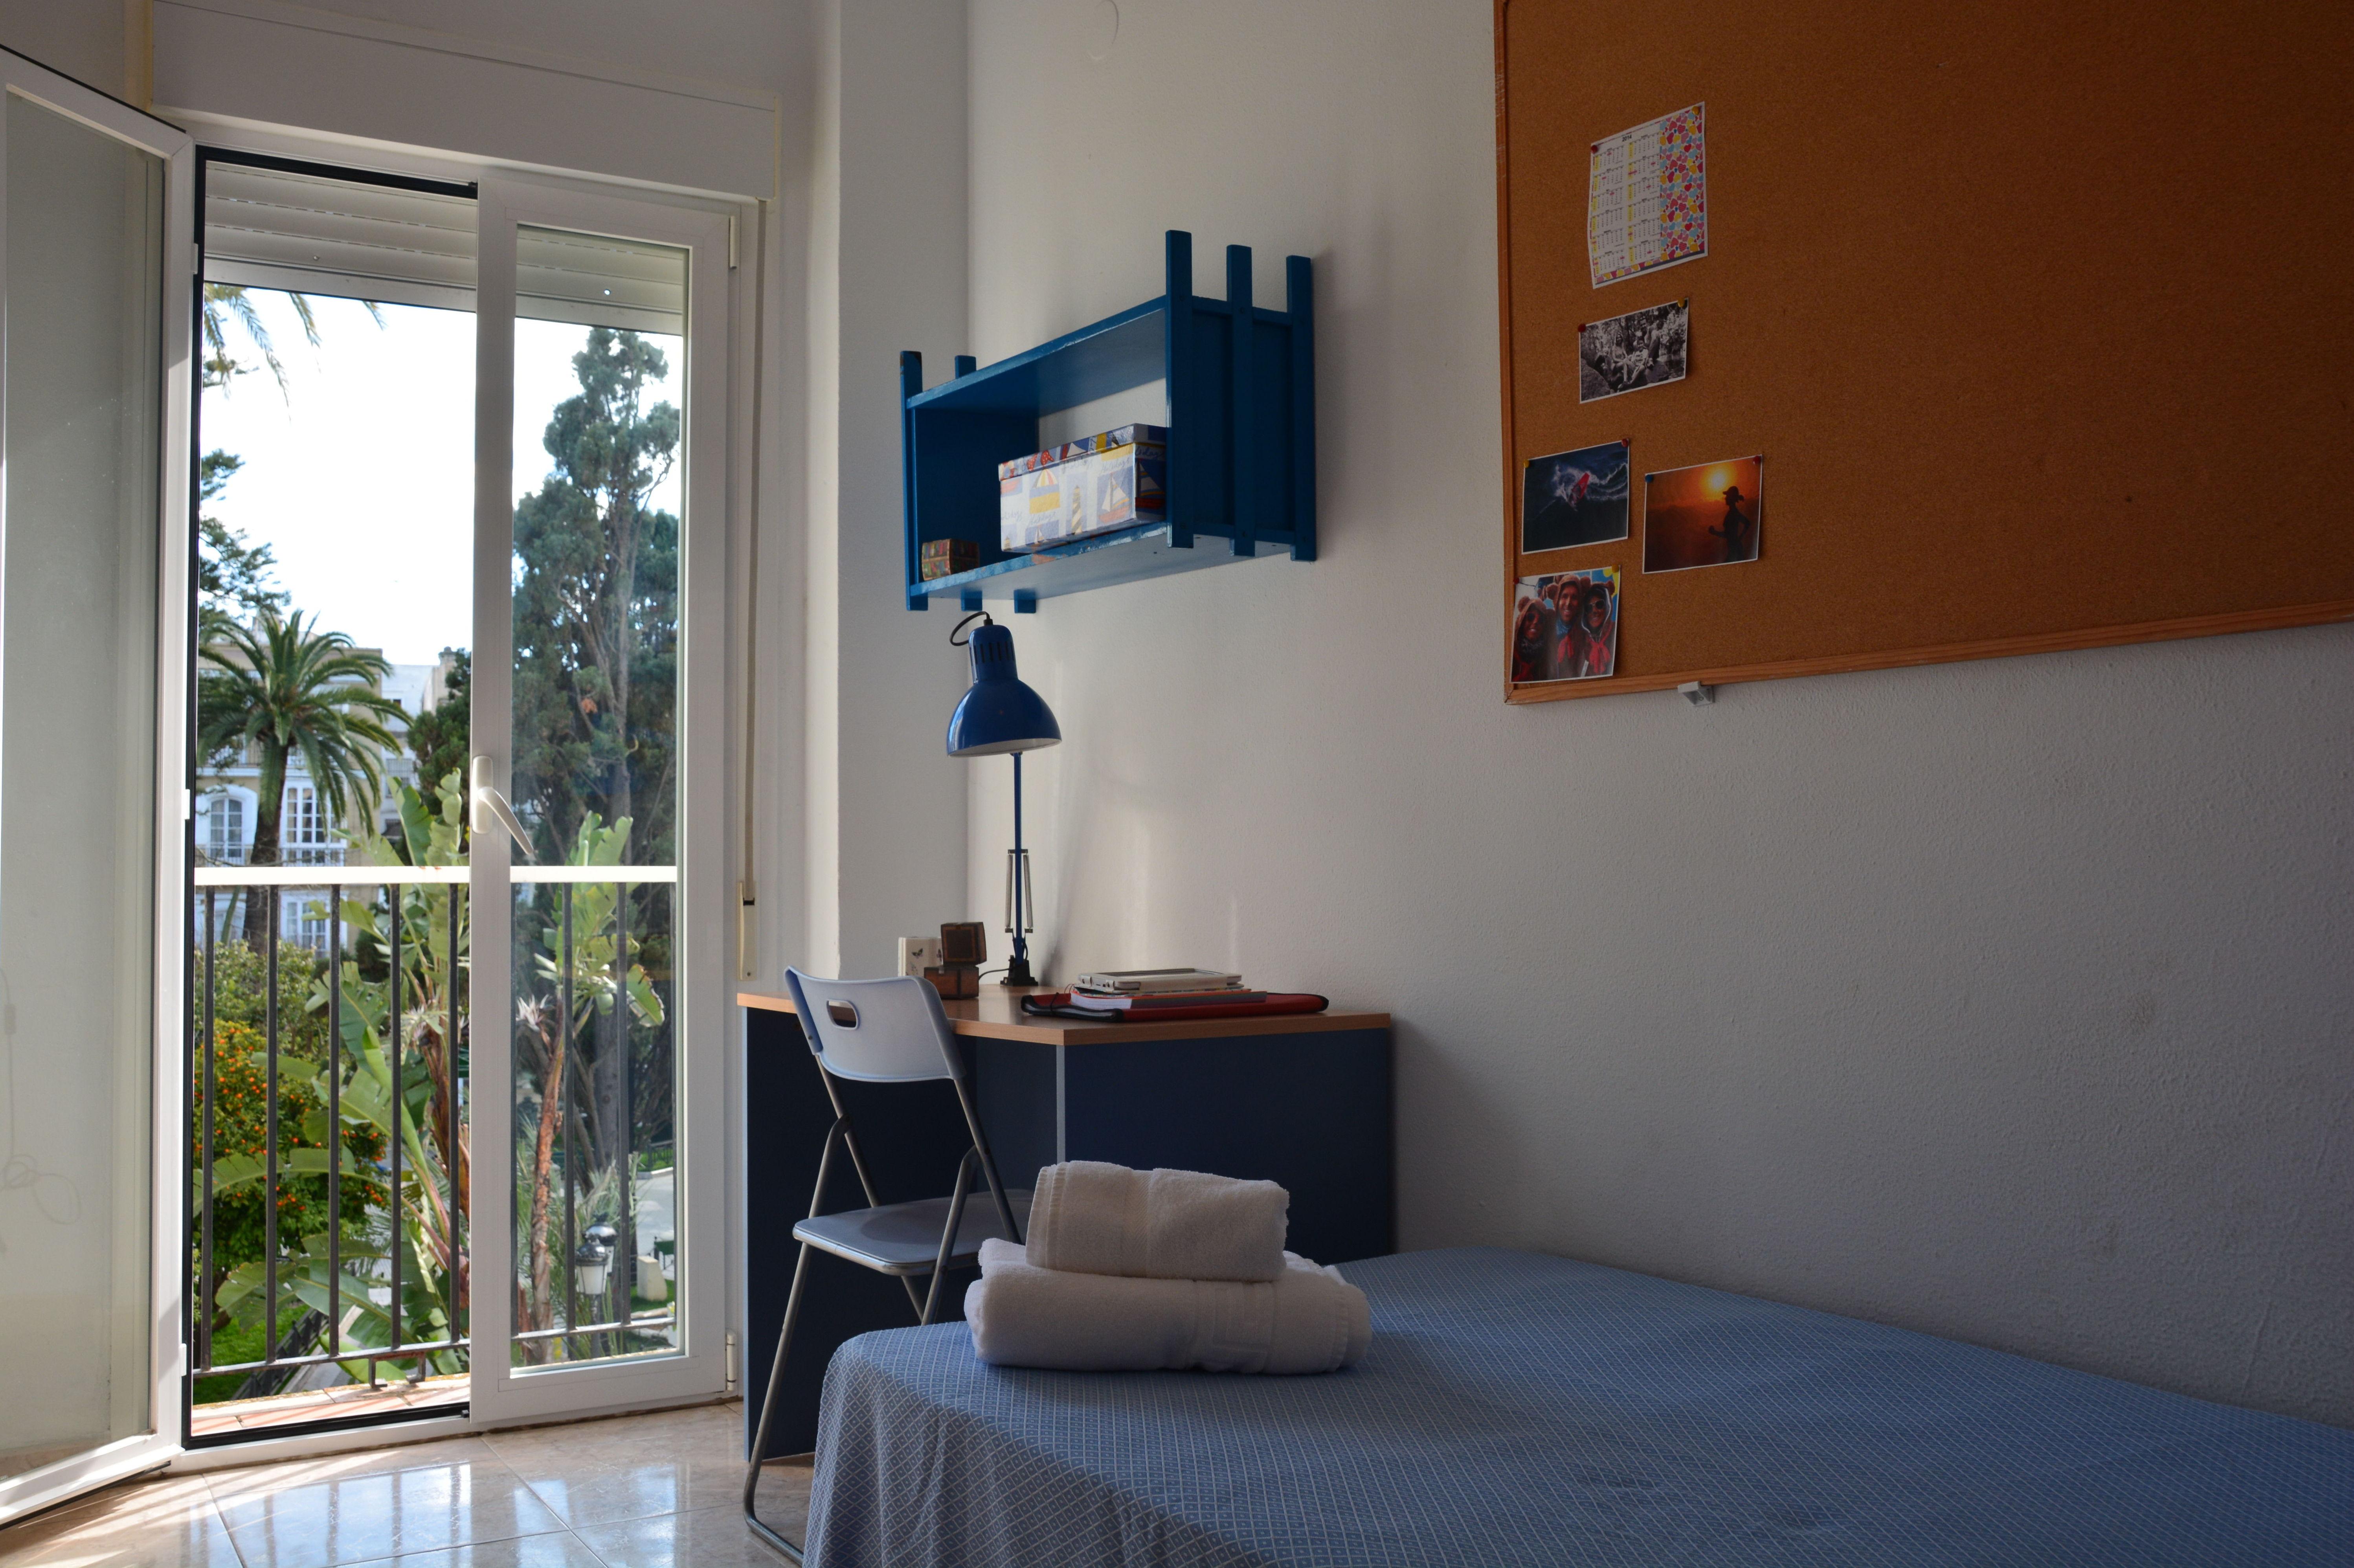 Habitaciones reserva tu plaza de residencia de for Residencia para estudiantes